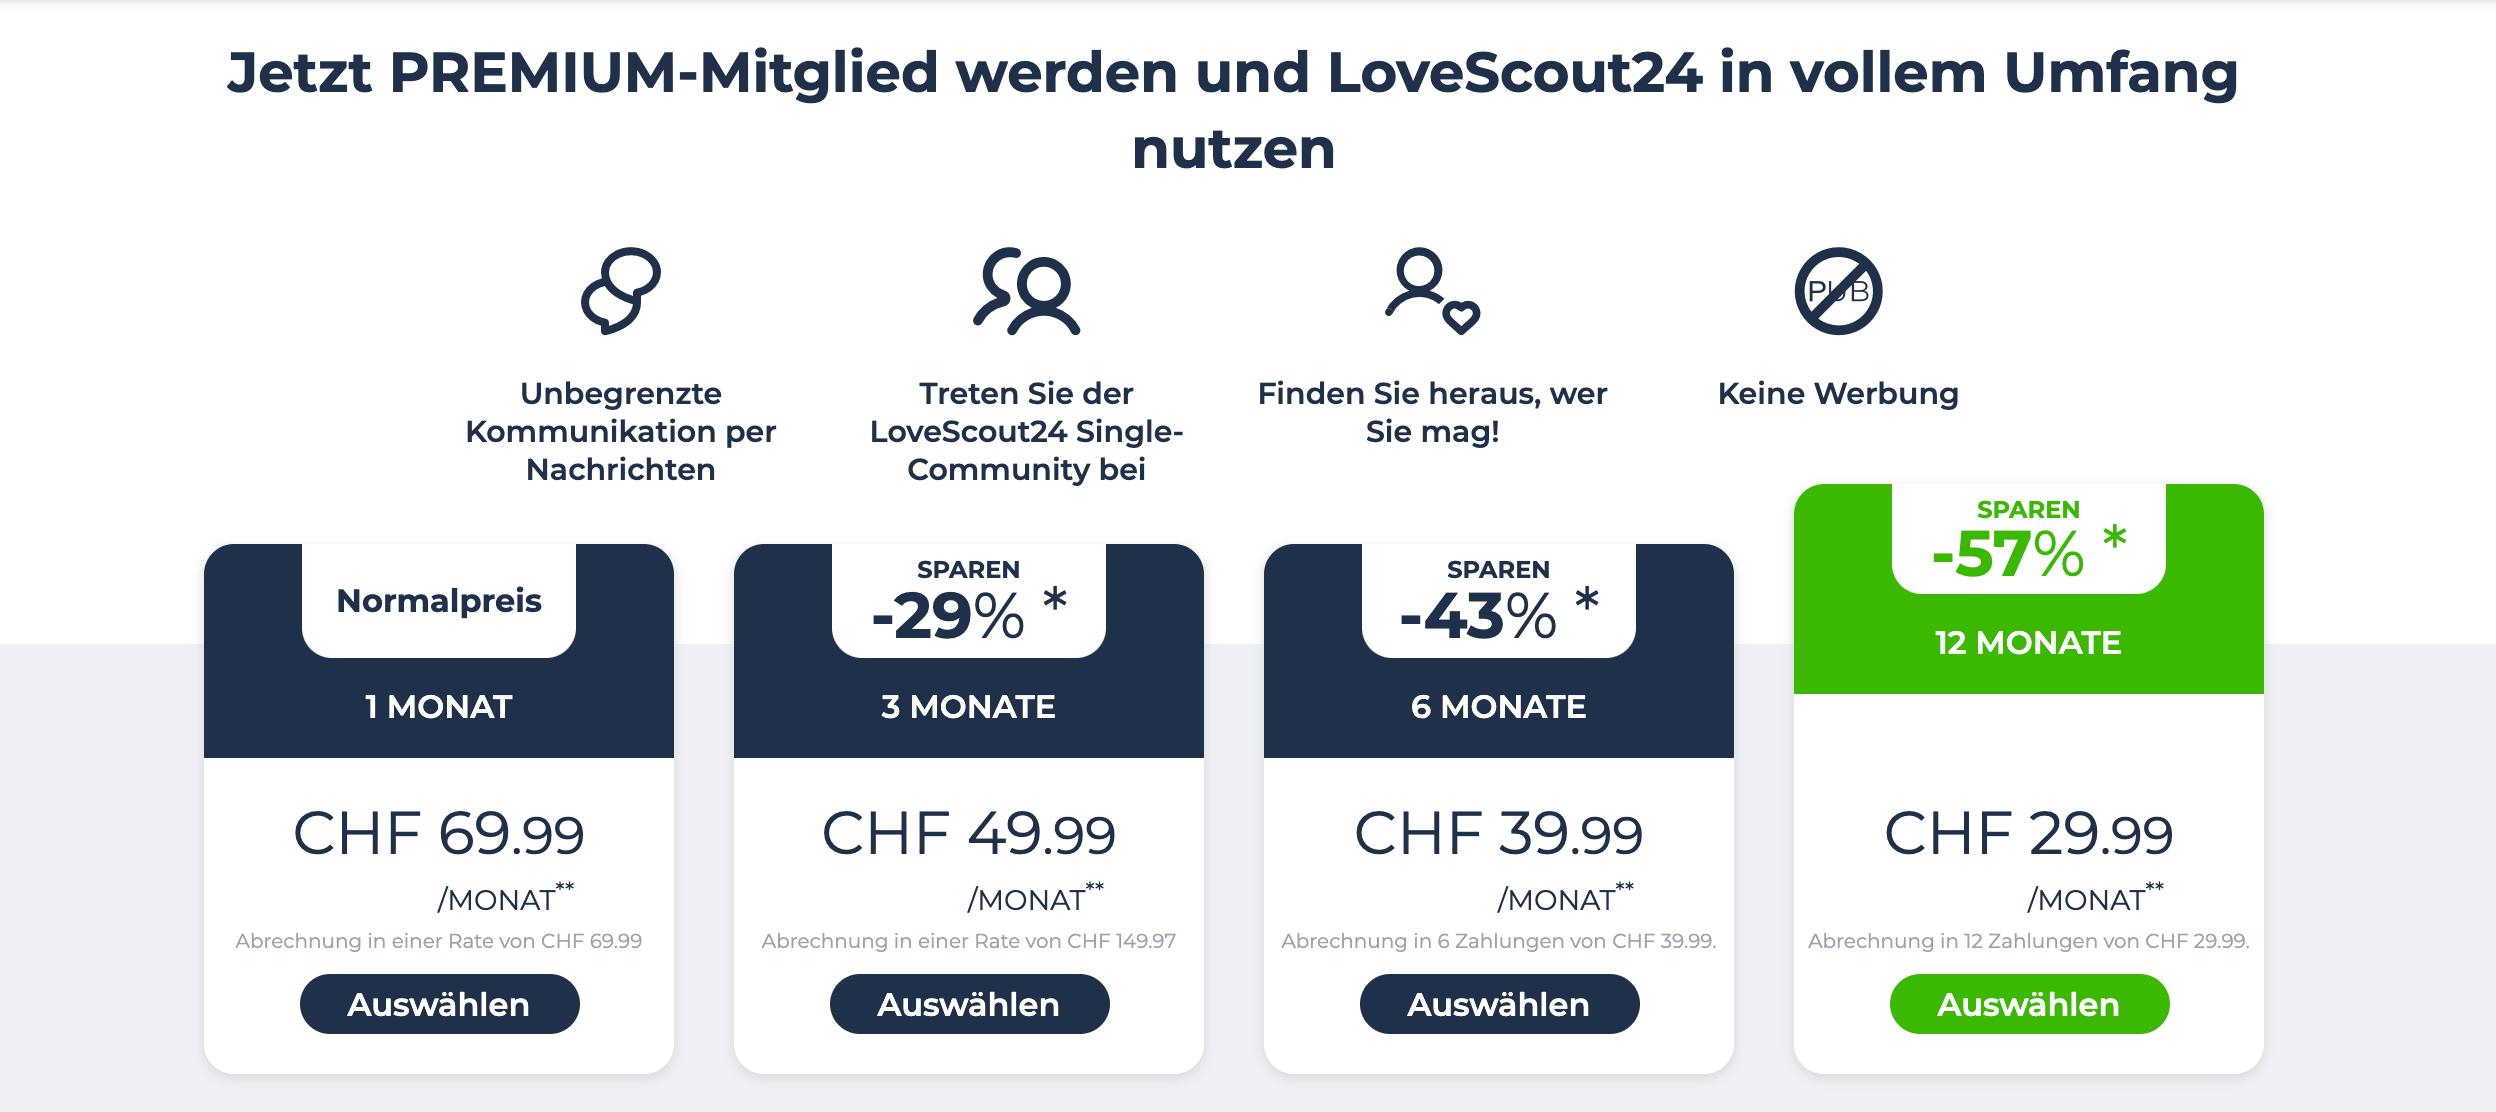 Singles Ch Kosten – Warum LoveScout24?